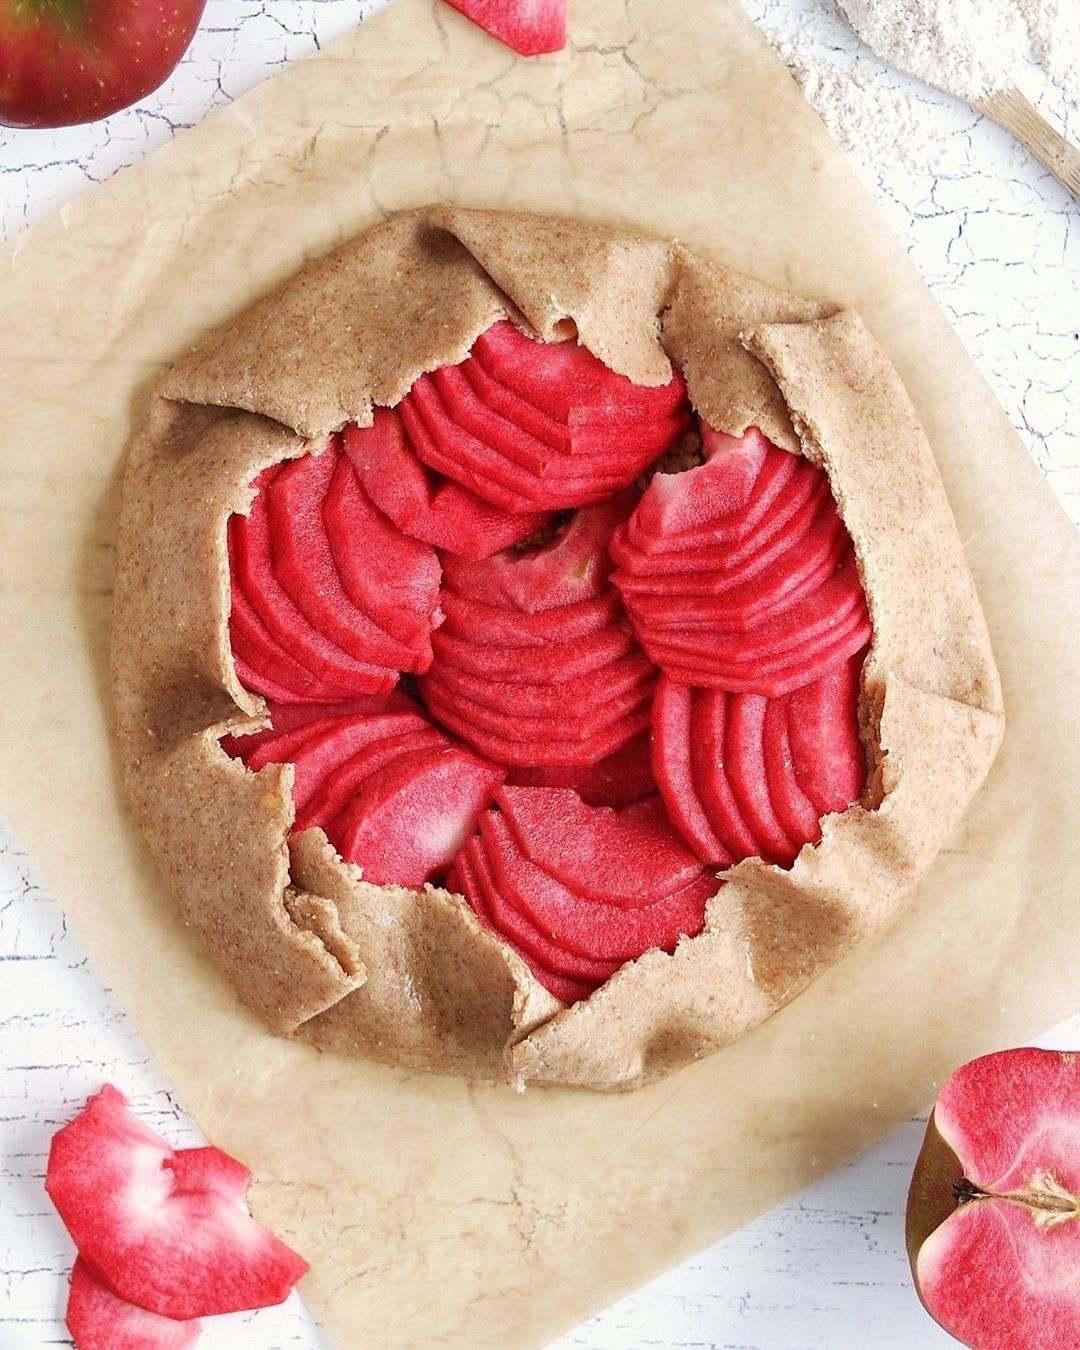 Dolci con le mele: galette di mele